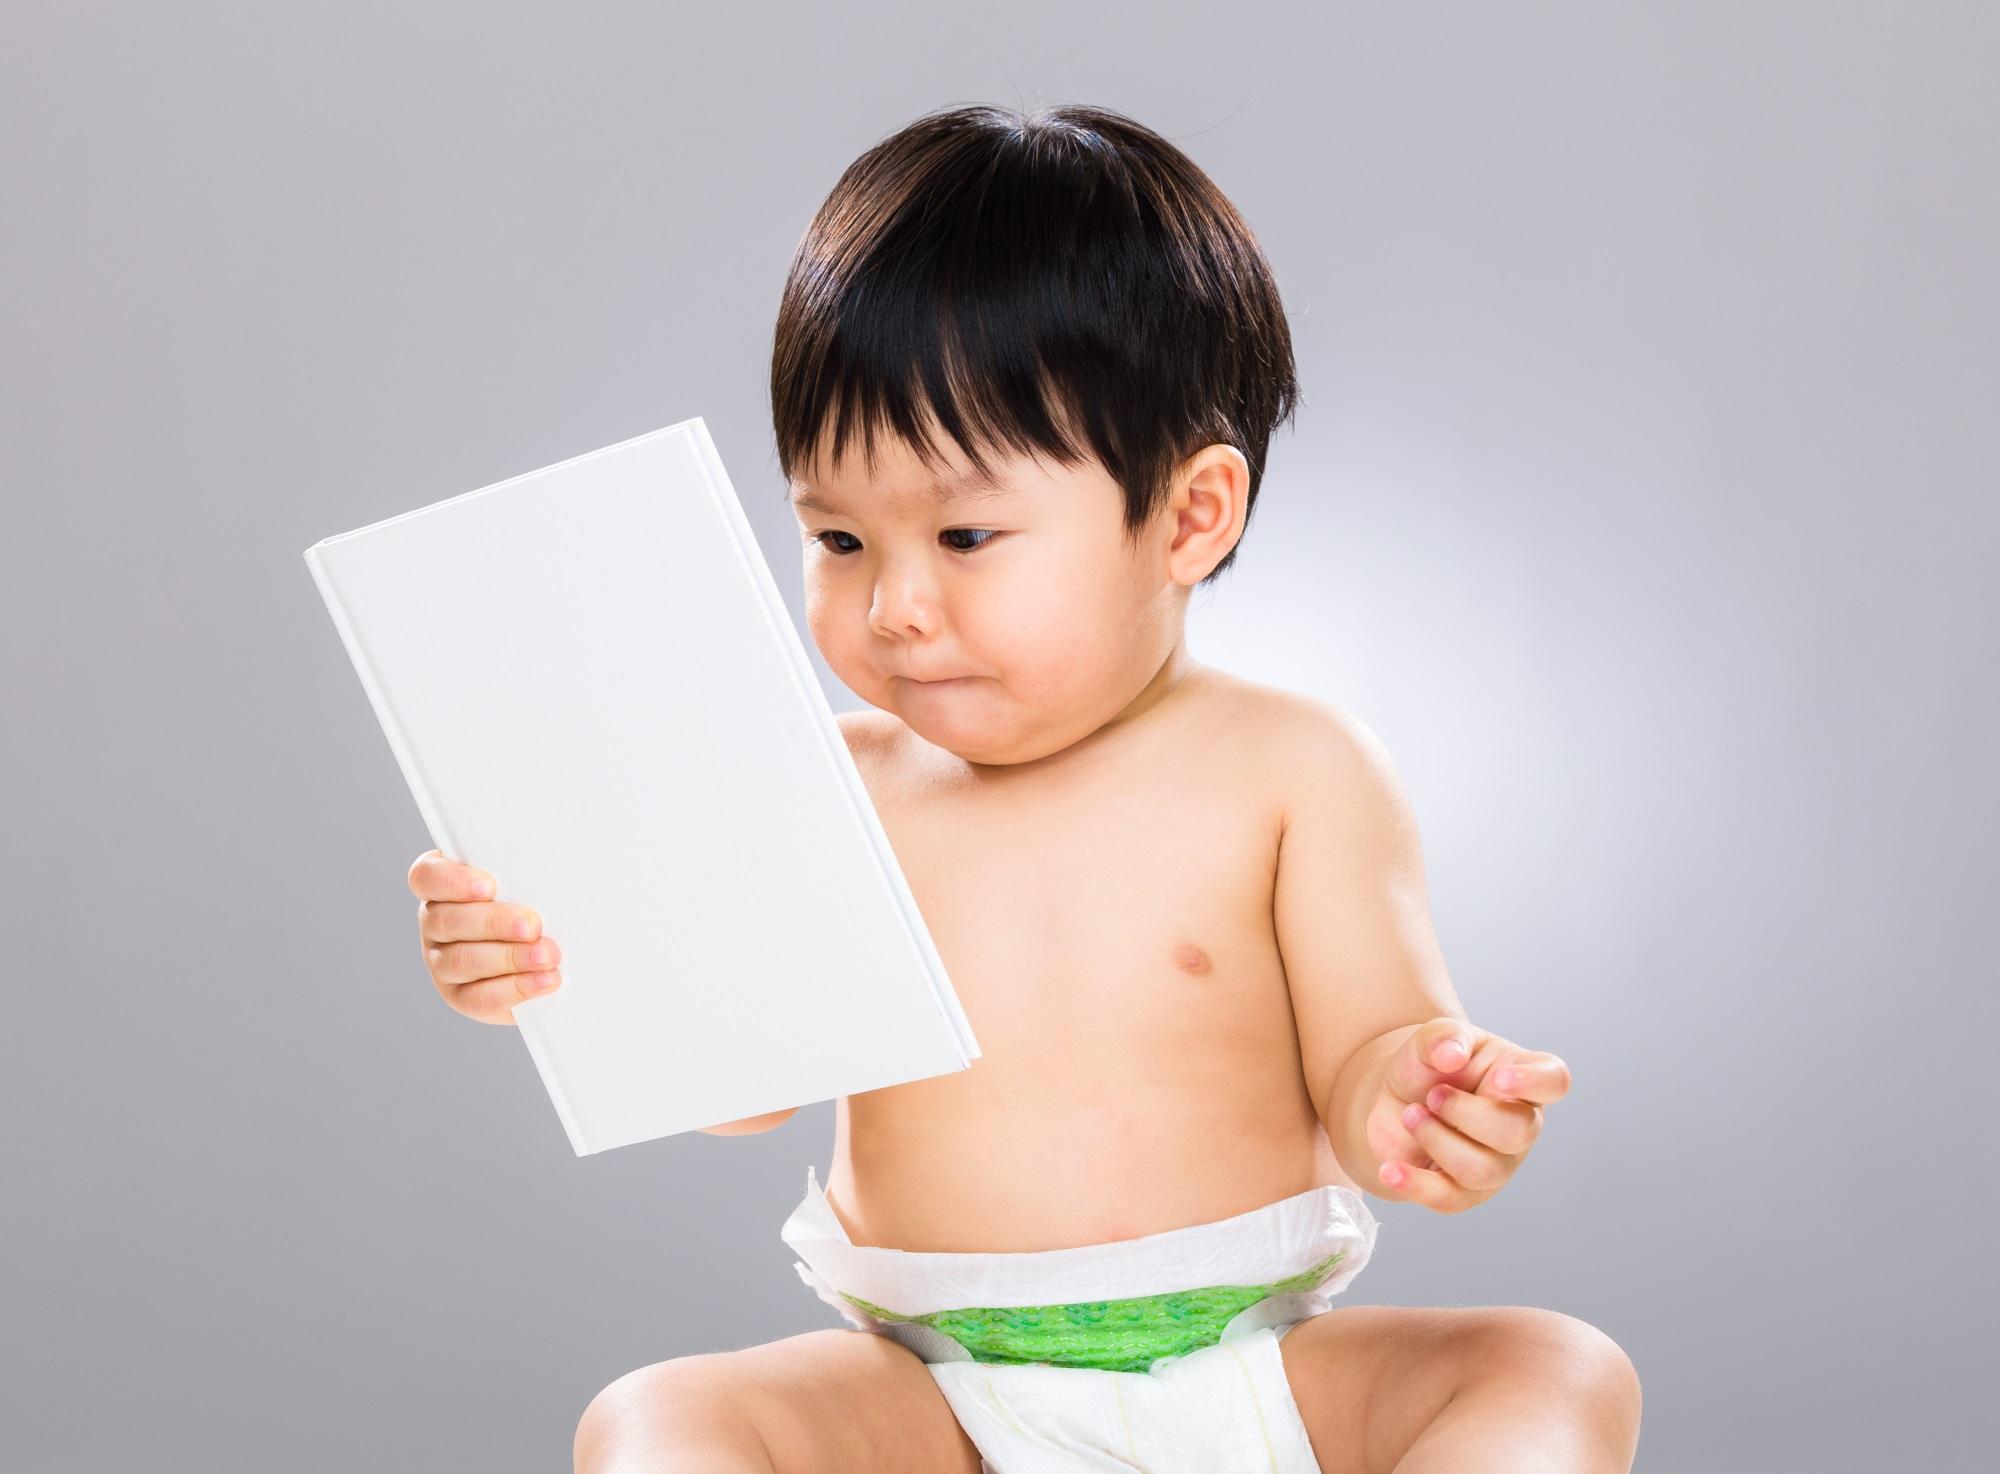 Kỹ năng bố mẹ nhất định phải dạy con dưới 1 tuổi - Ảnh 1